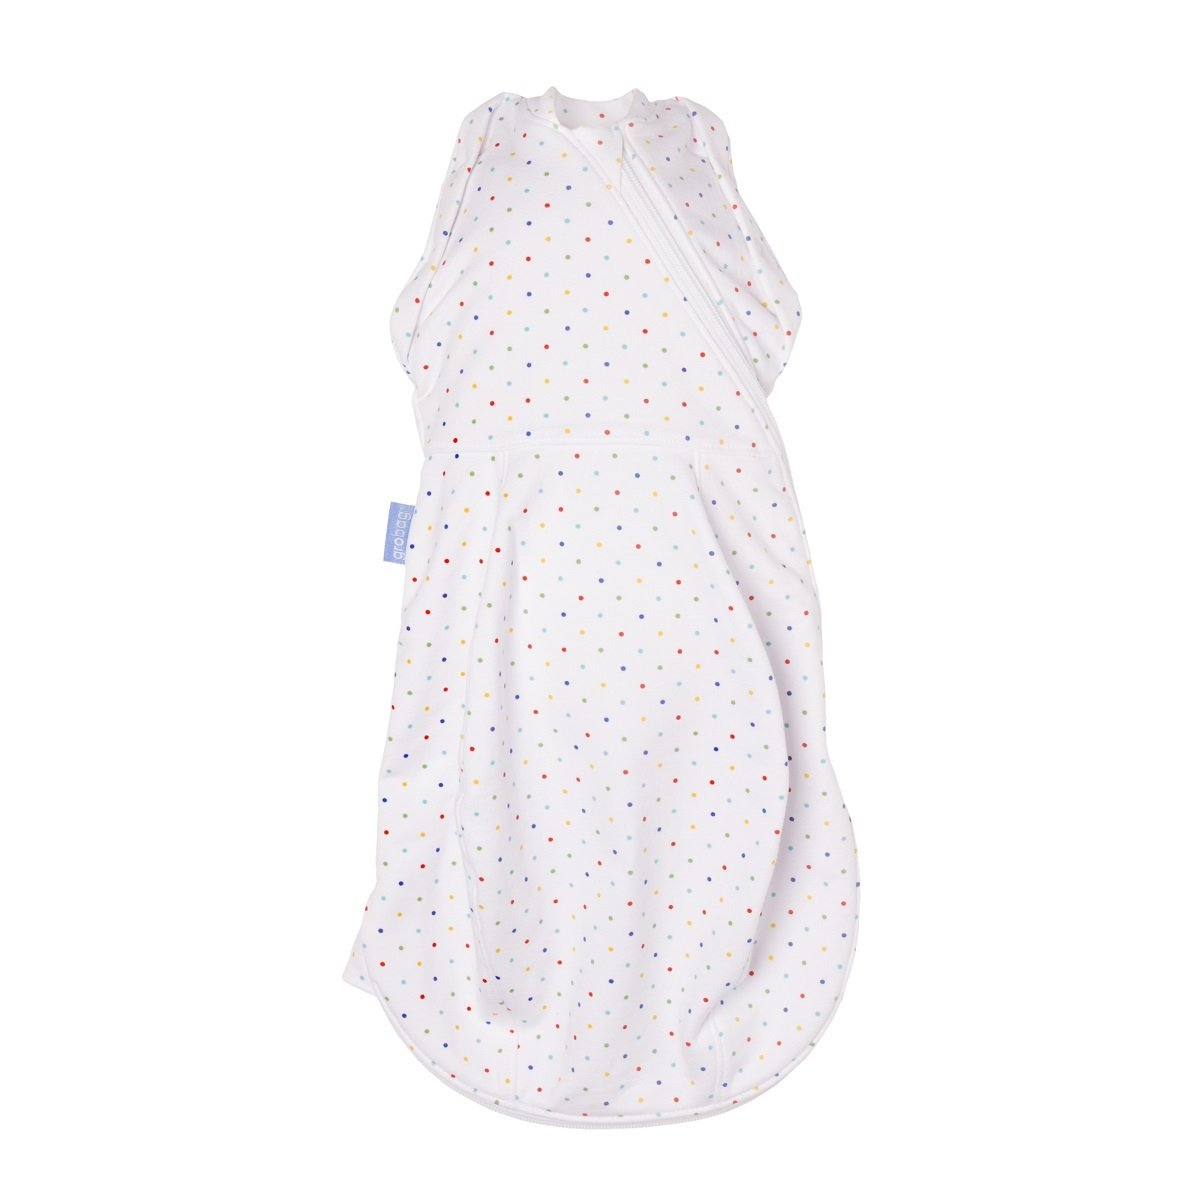 包裹睡袋 - 舒適版 - 彩虹圓點